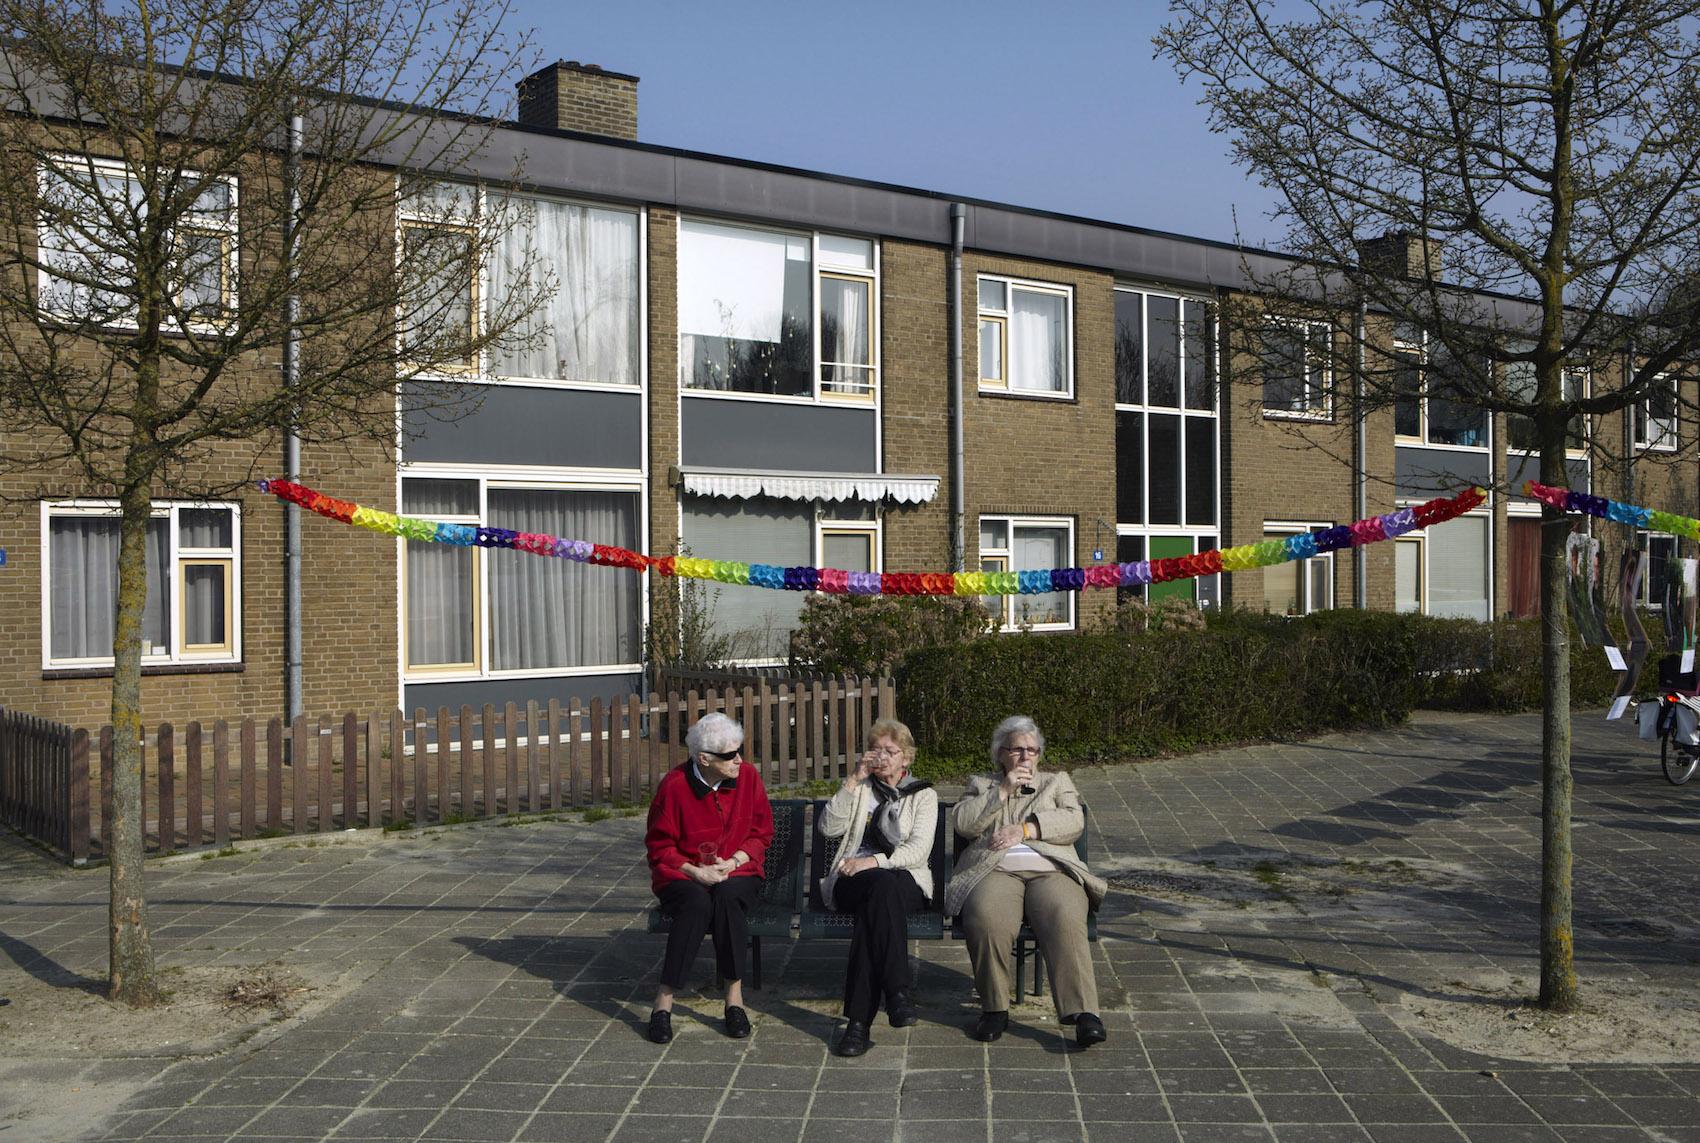 foto: Jan Dirk van den Burg - Betondorp